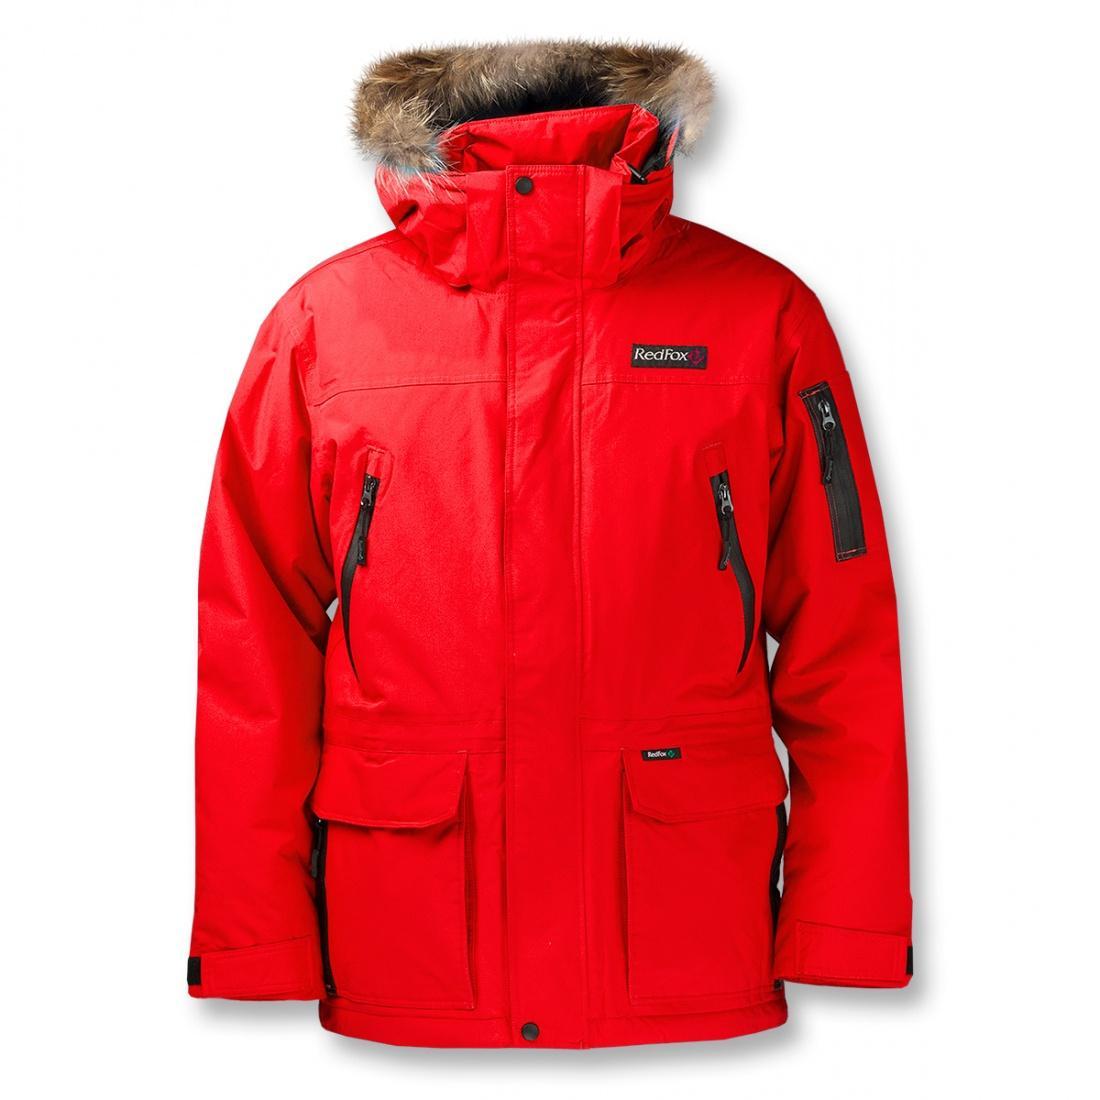 Куртка утепленная Valley II МужскаяКуртки<br>Универсальная утепленная куртка для мужчин.  <br> <br><br><br>Серия Life Style/ утепленная одежда<br>Материал: Dry Factor 10000<br>Утеплитель:...<br><br>Цвет: Красный<br>Размер: 52